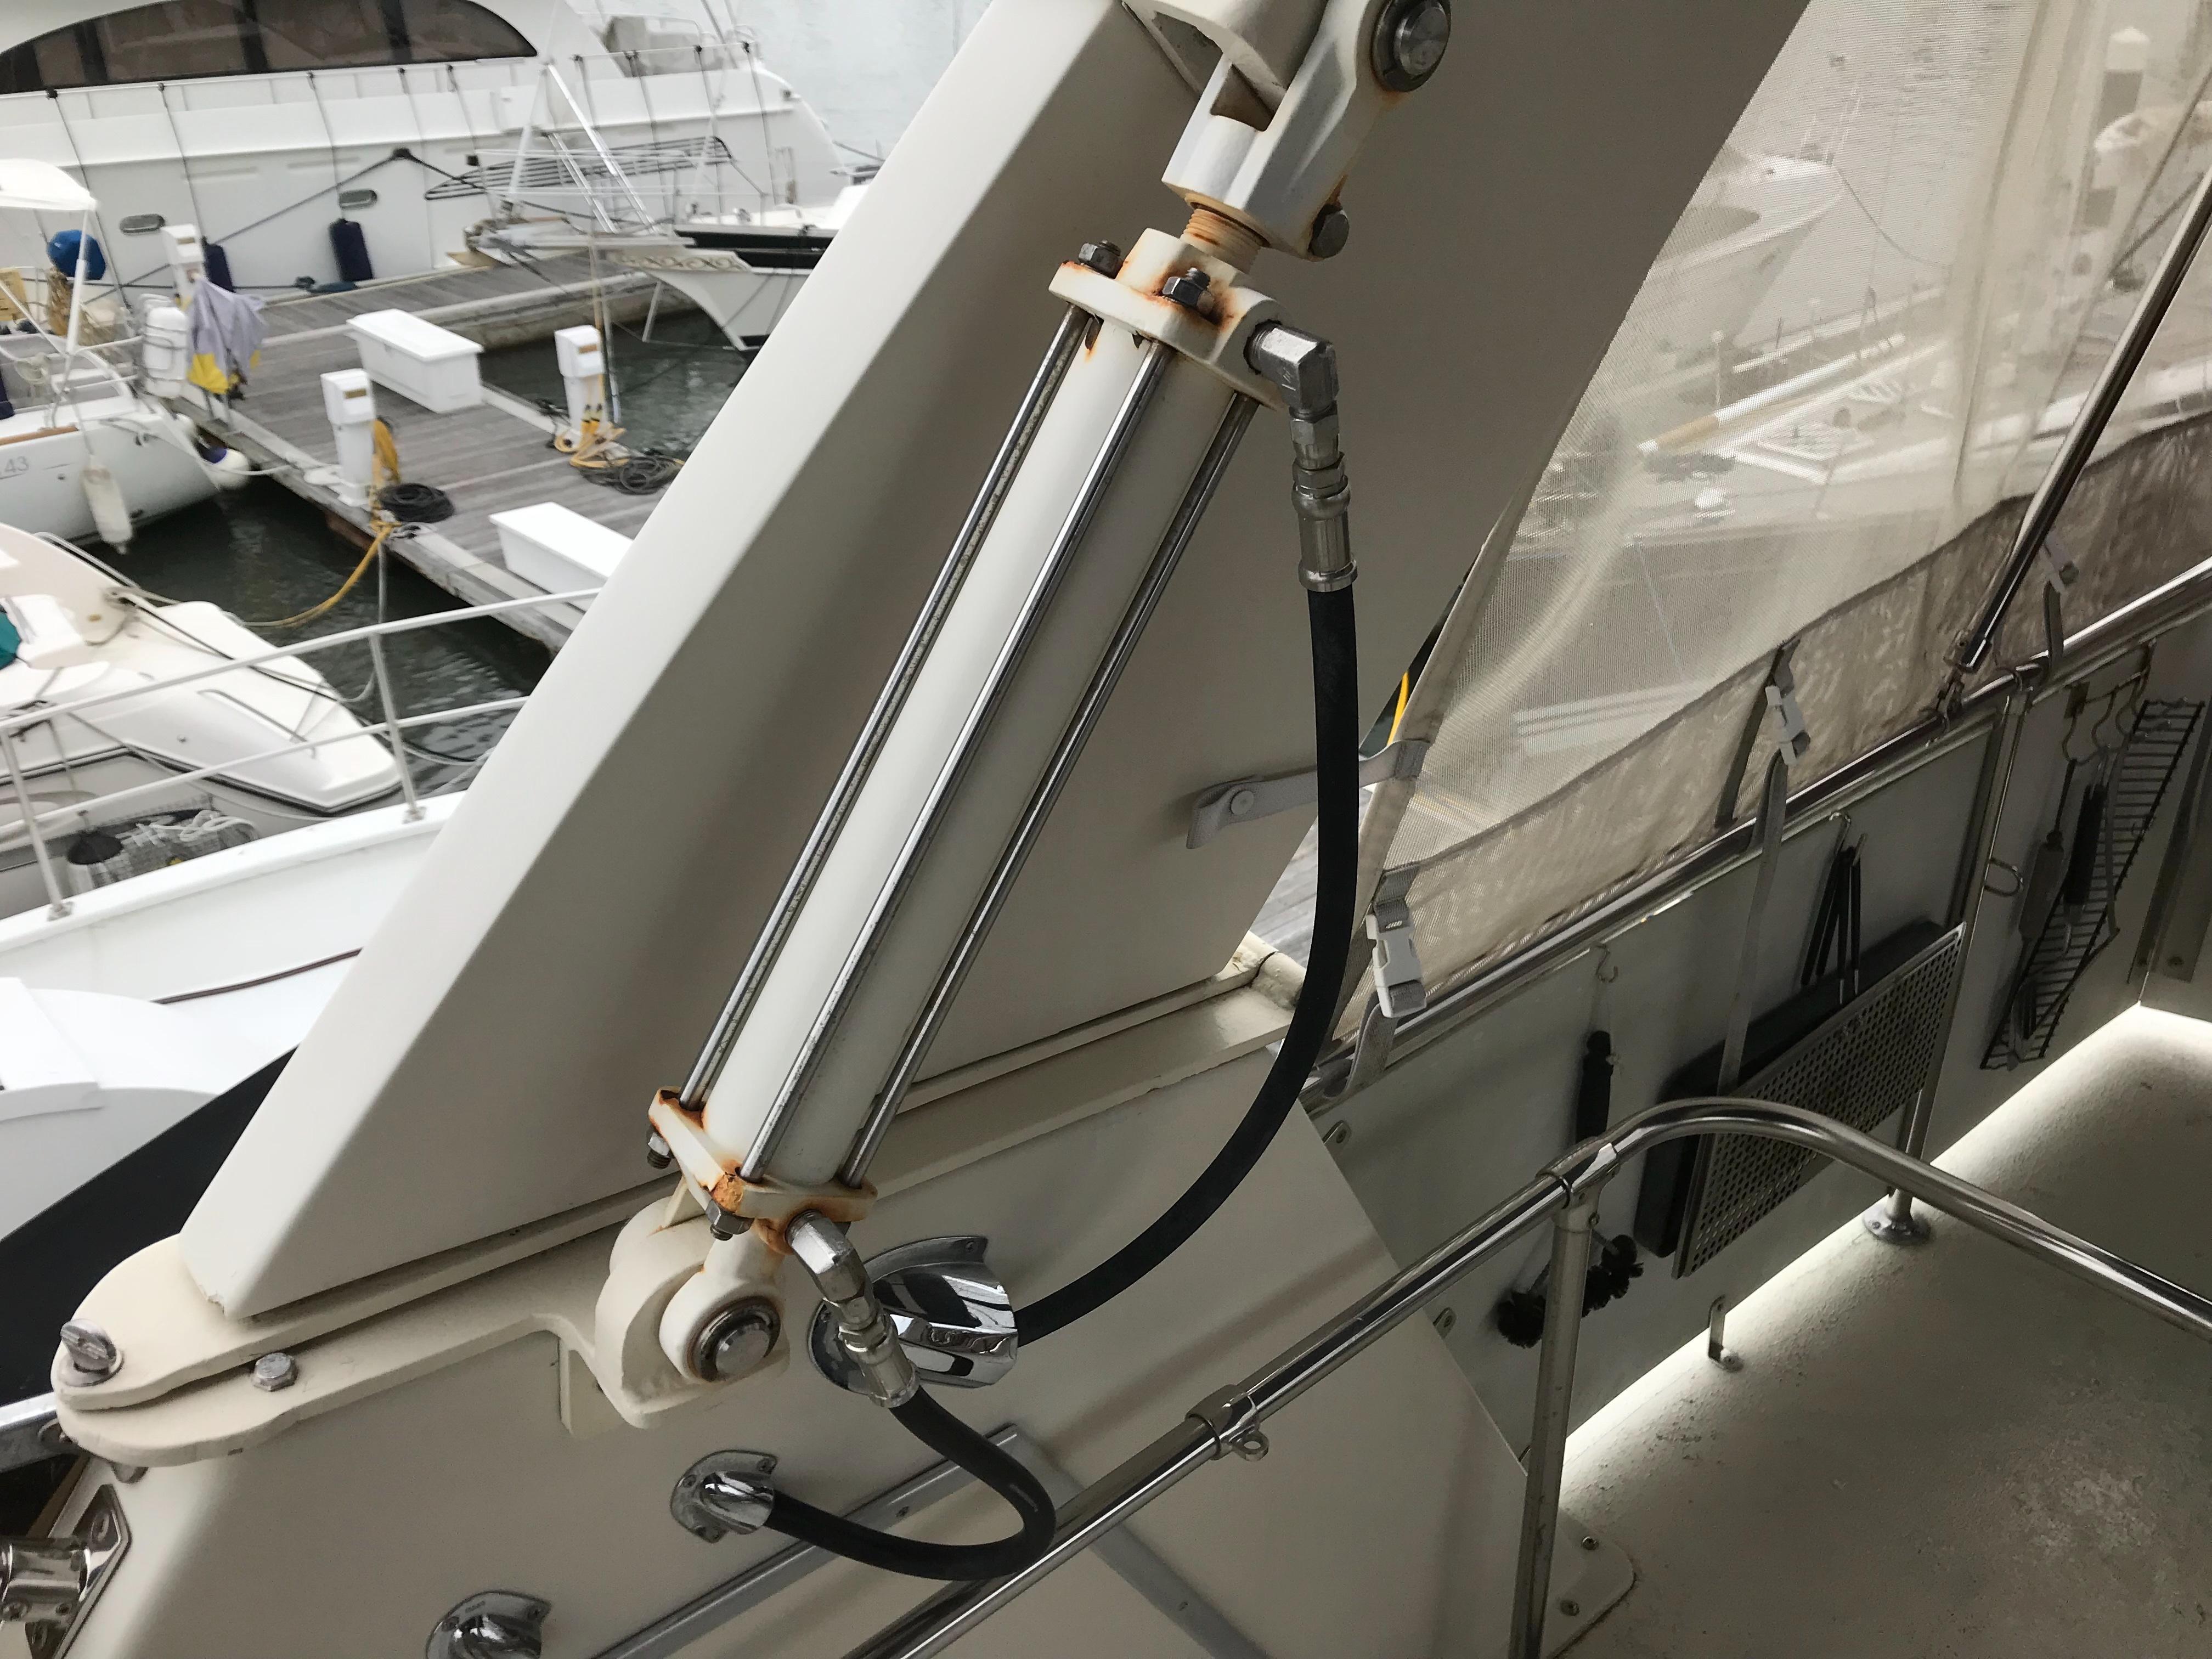 Chris-craft 46 Constellation - Hydraulic Radar Arch folds down